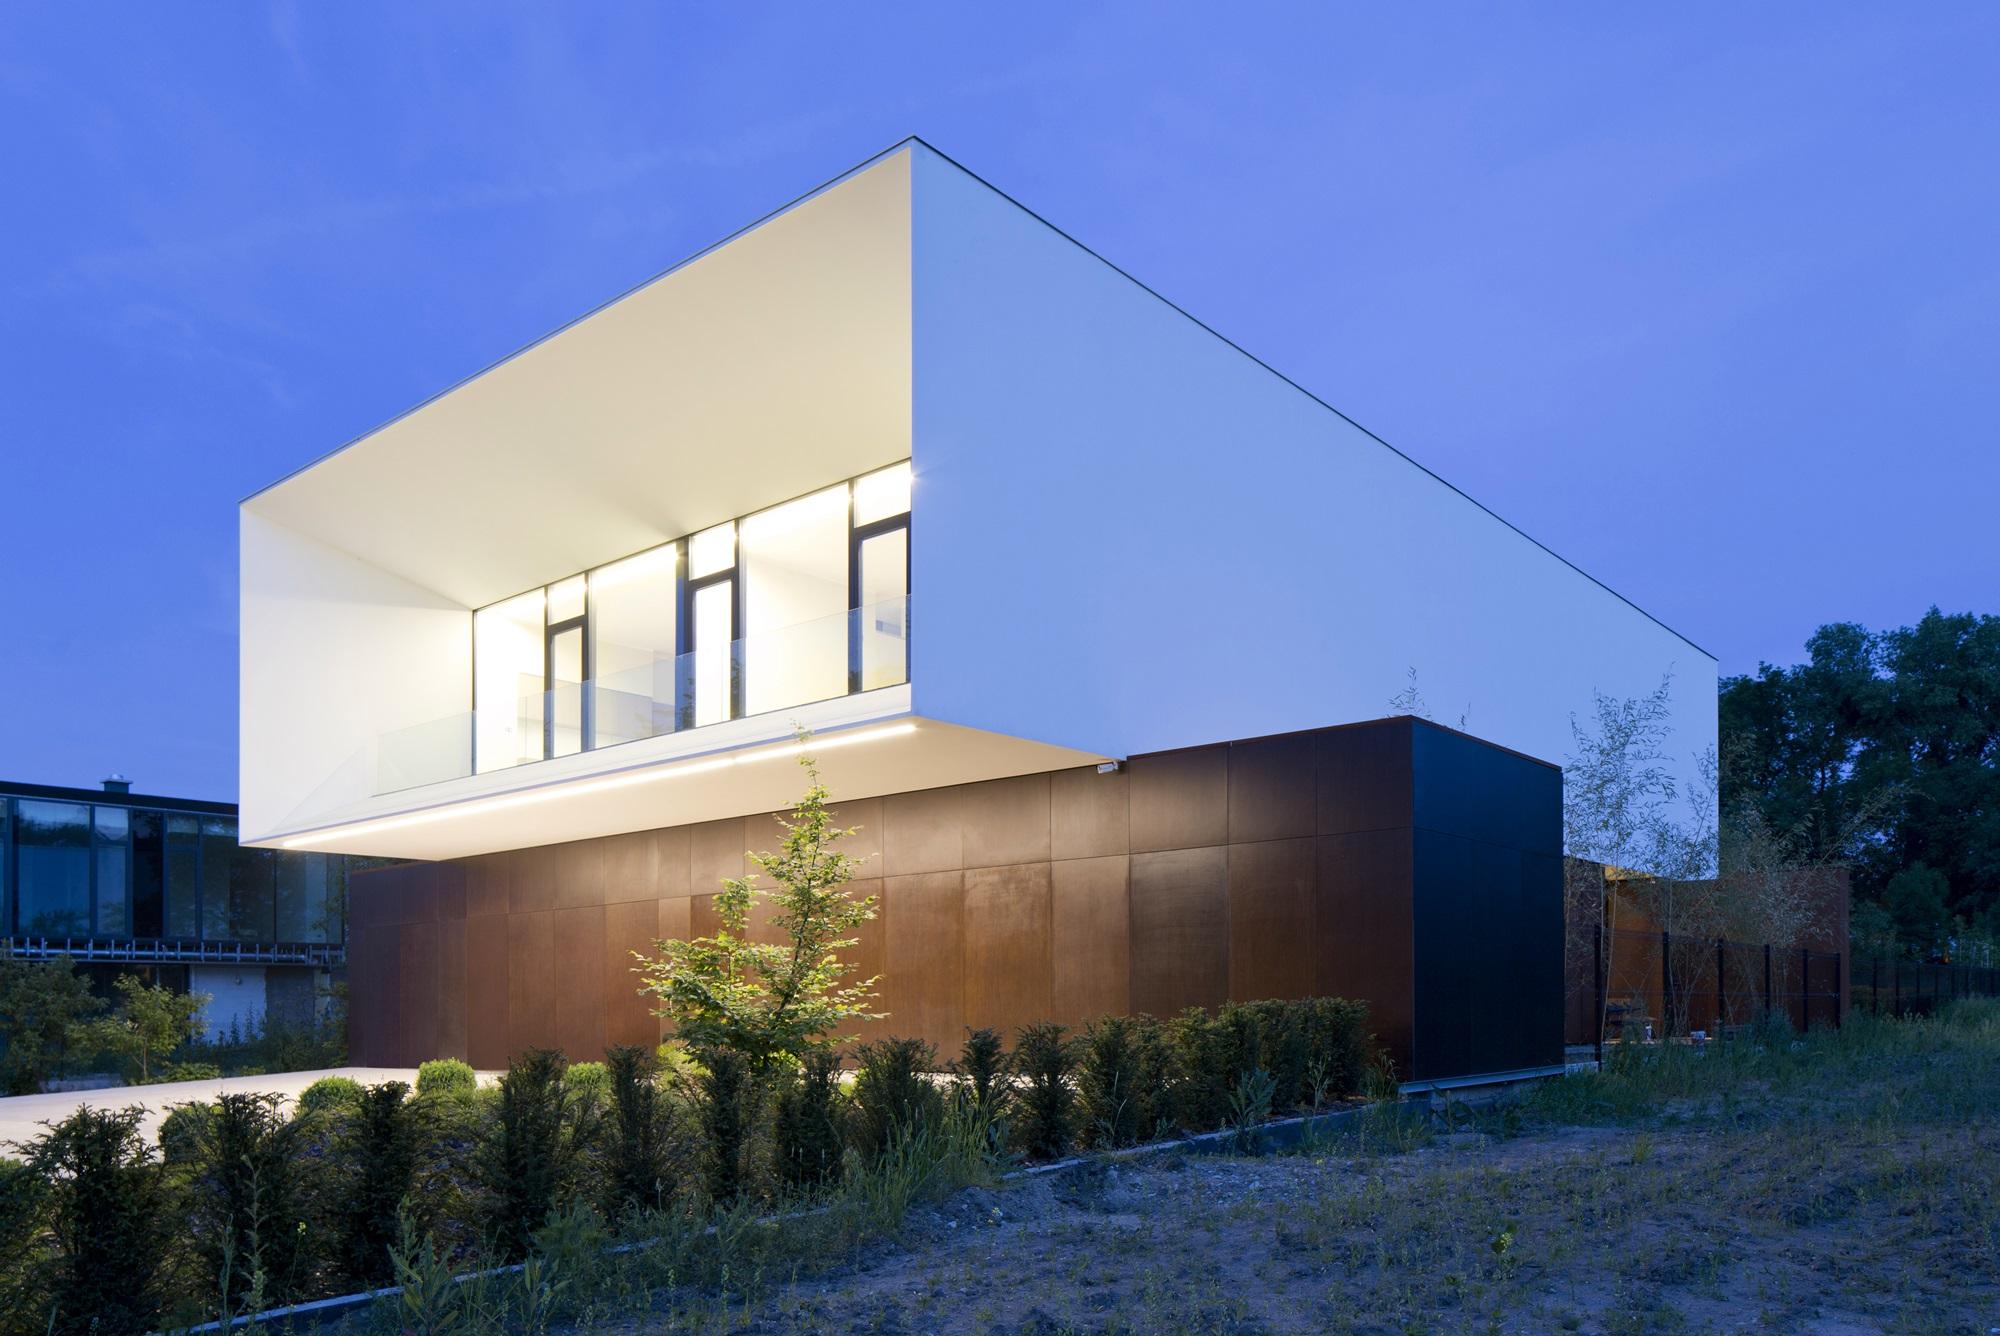 Najlepsze domy w Polsce: Dom w stronę słońca